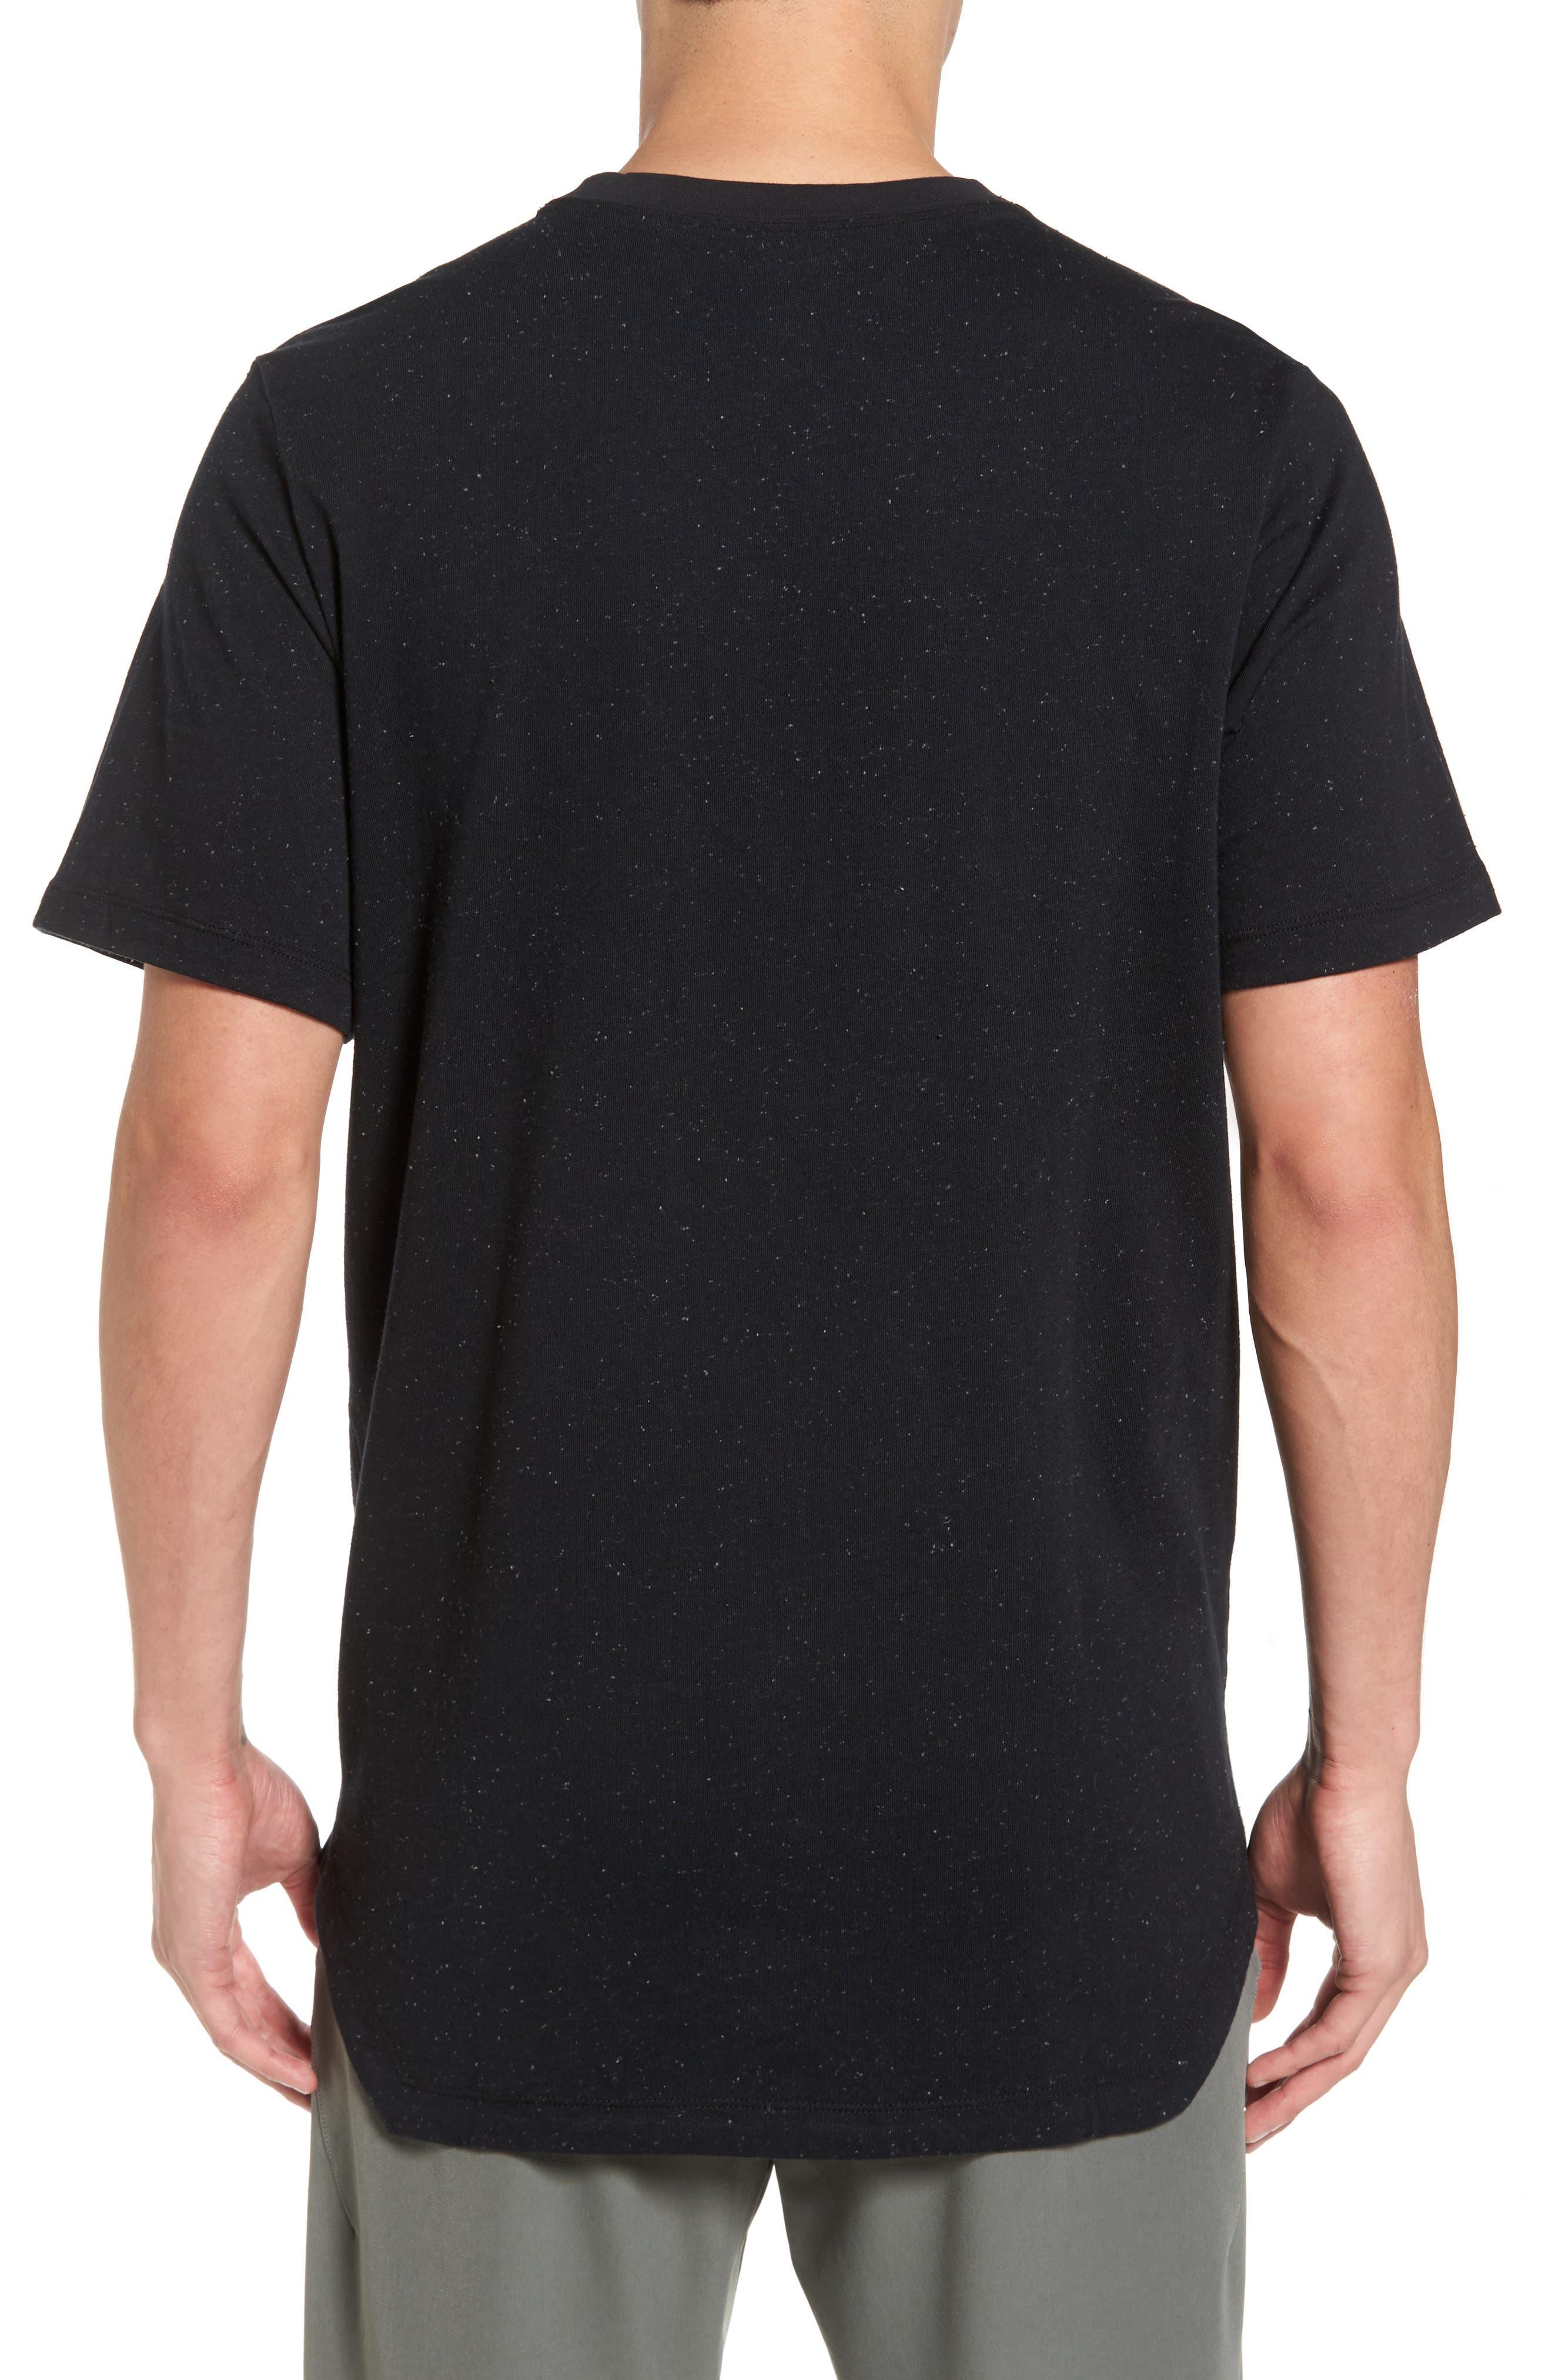 Future 2 T-Shirt,                             Alternate thumbnail 2, color,                             010